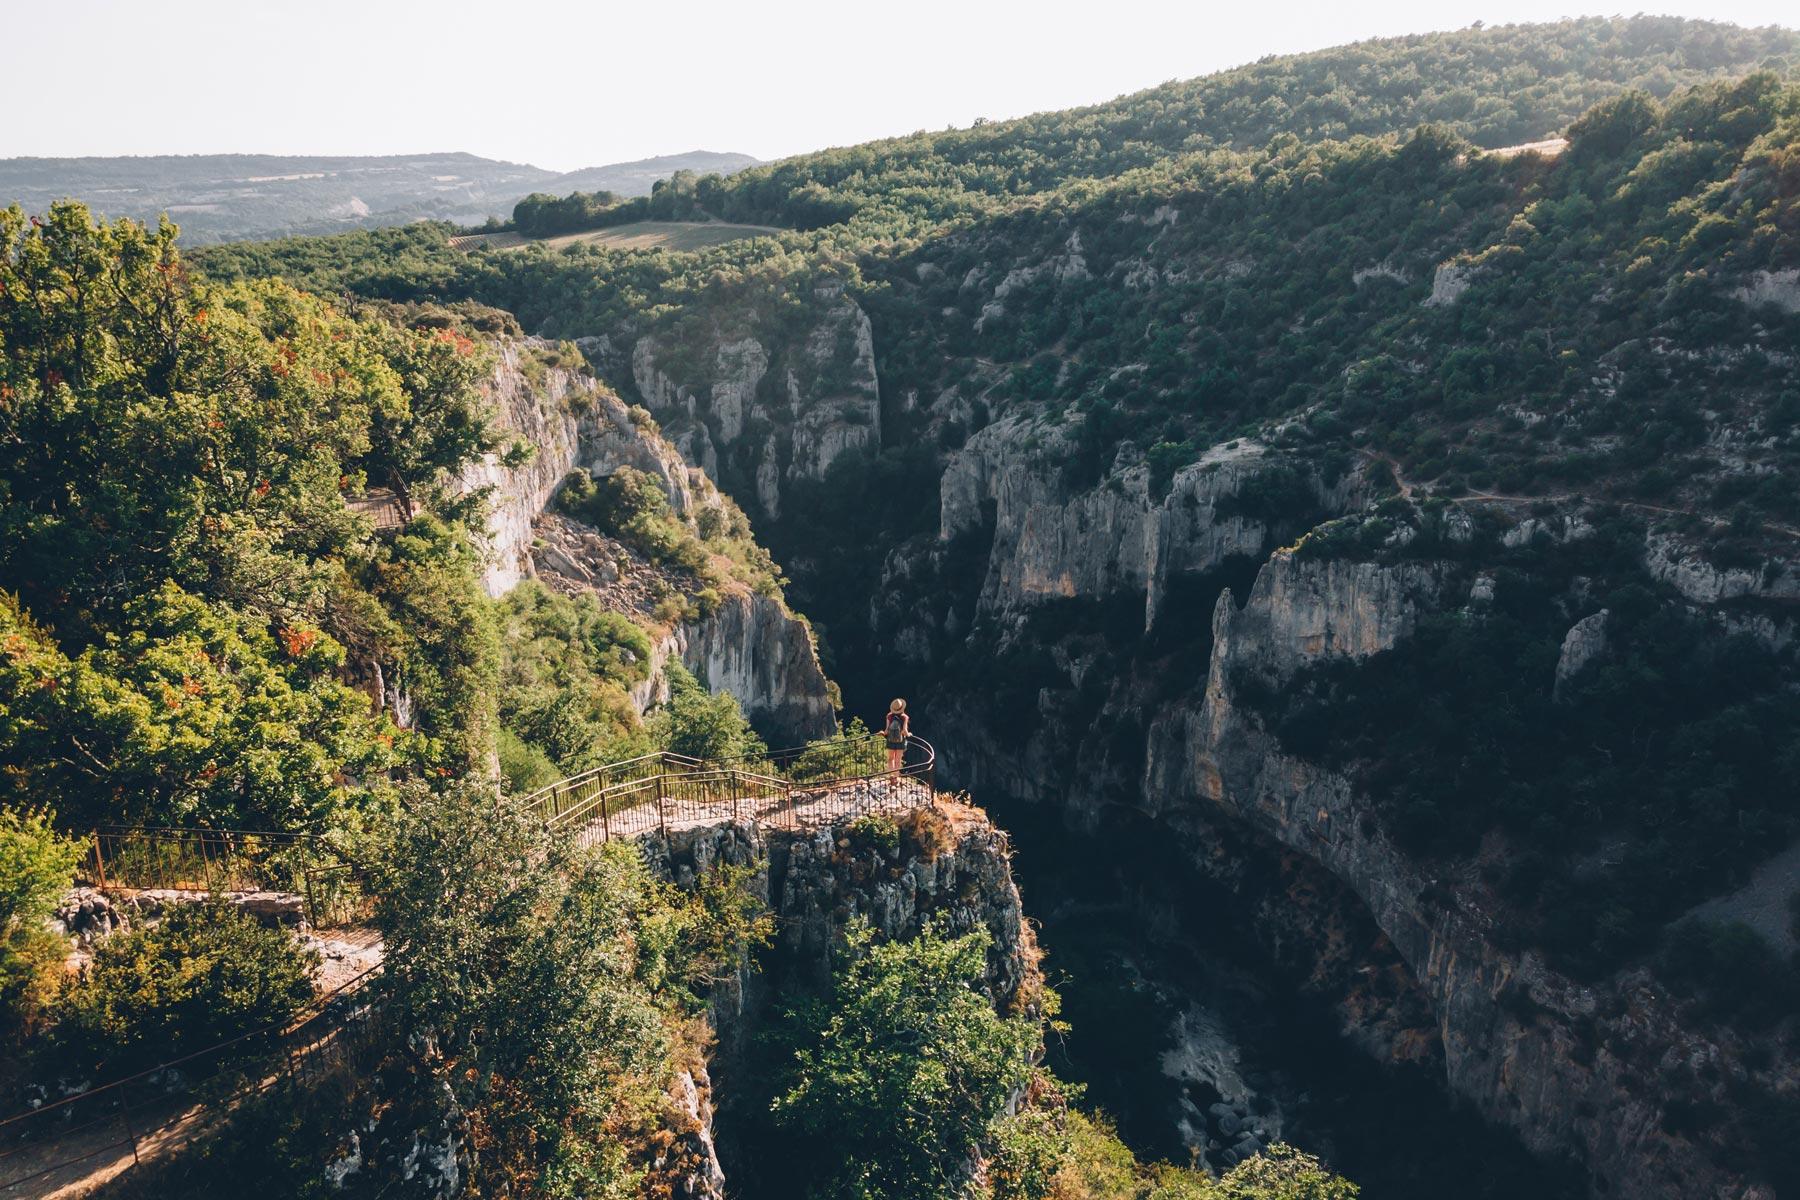 Gorges d'Oppedette, Alpes de Haute Provence